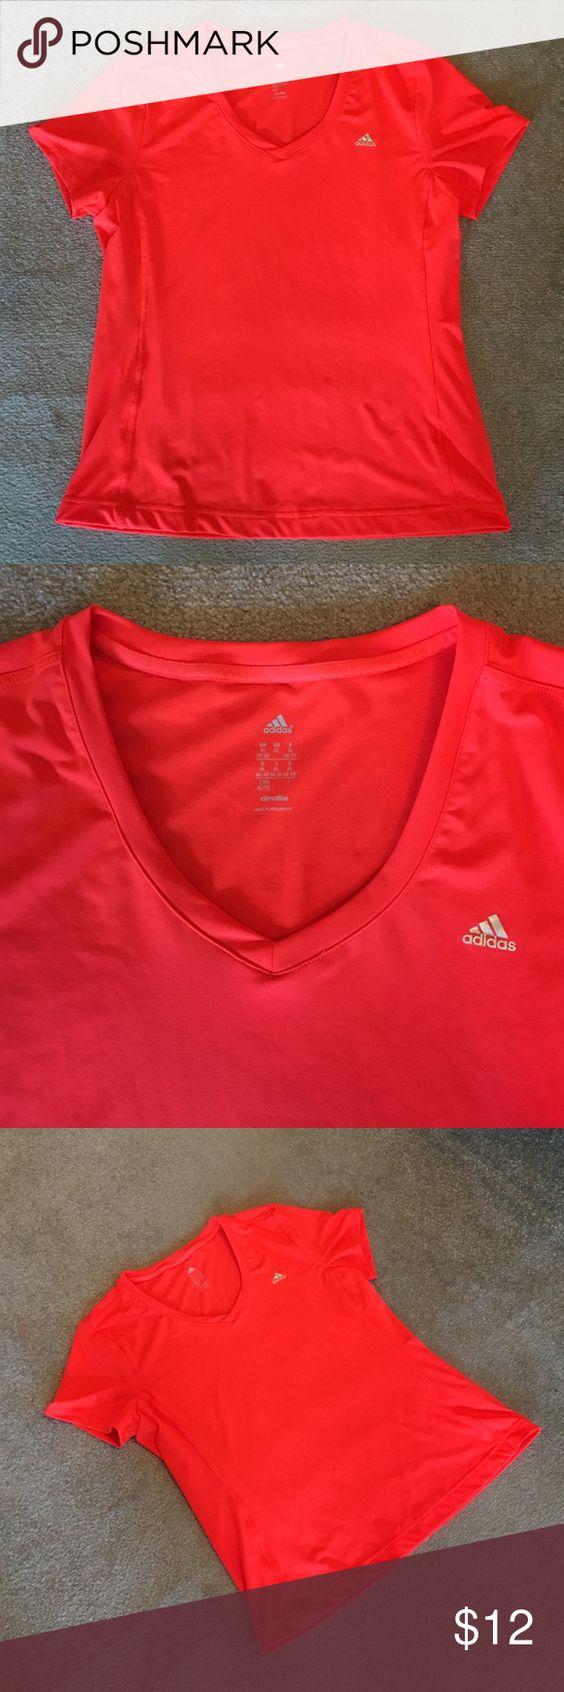 Adidas Exercise Shirt Adidas, slight v-neck, short sleeved exercise top Adidas Tops Tees - Short Sleeve